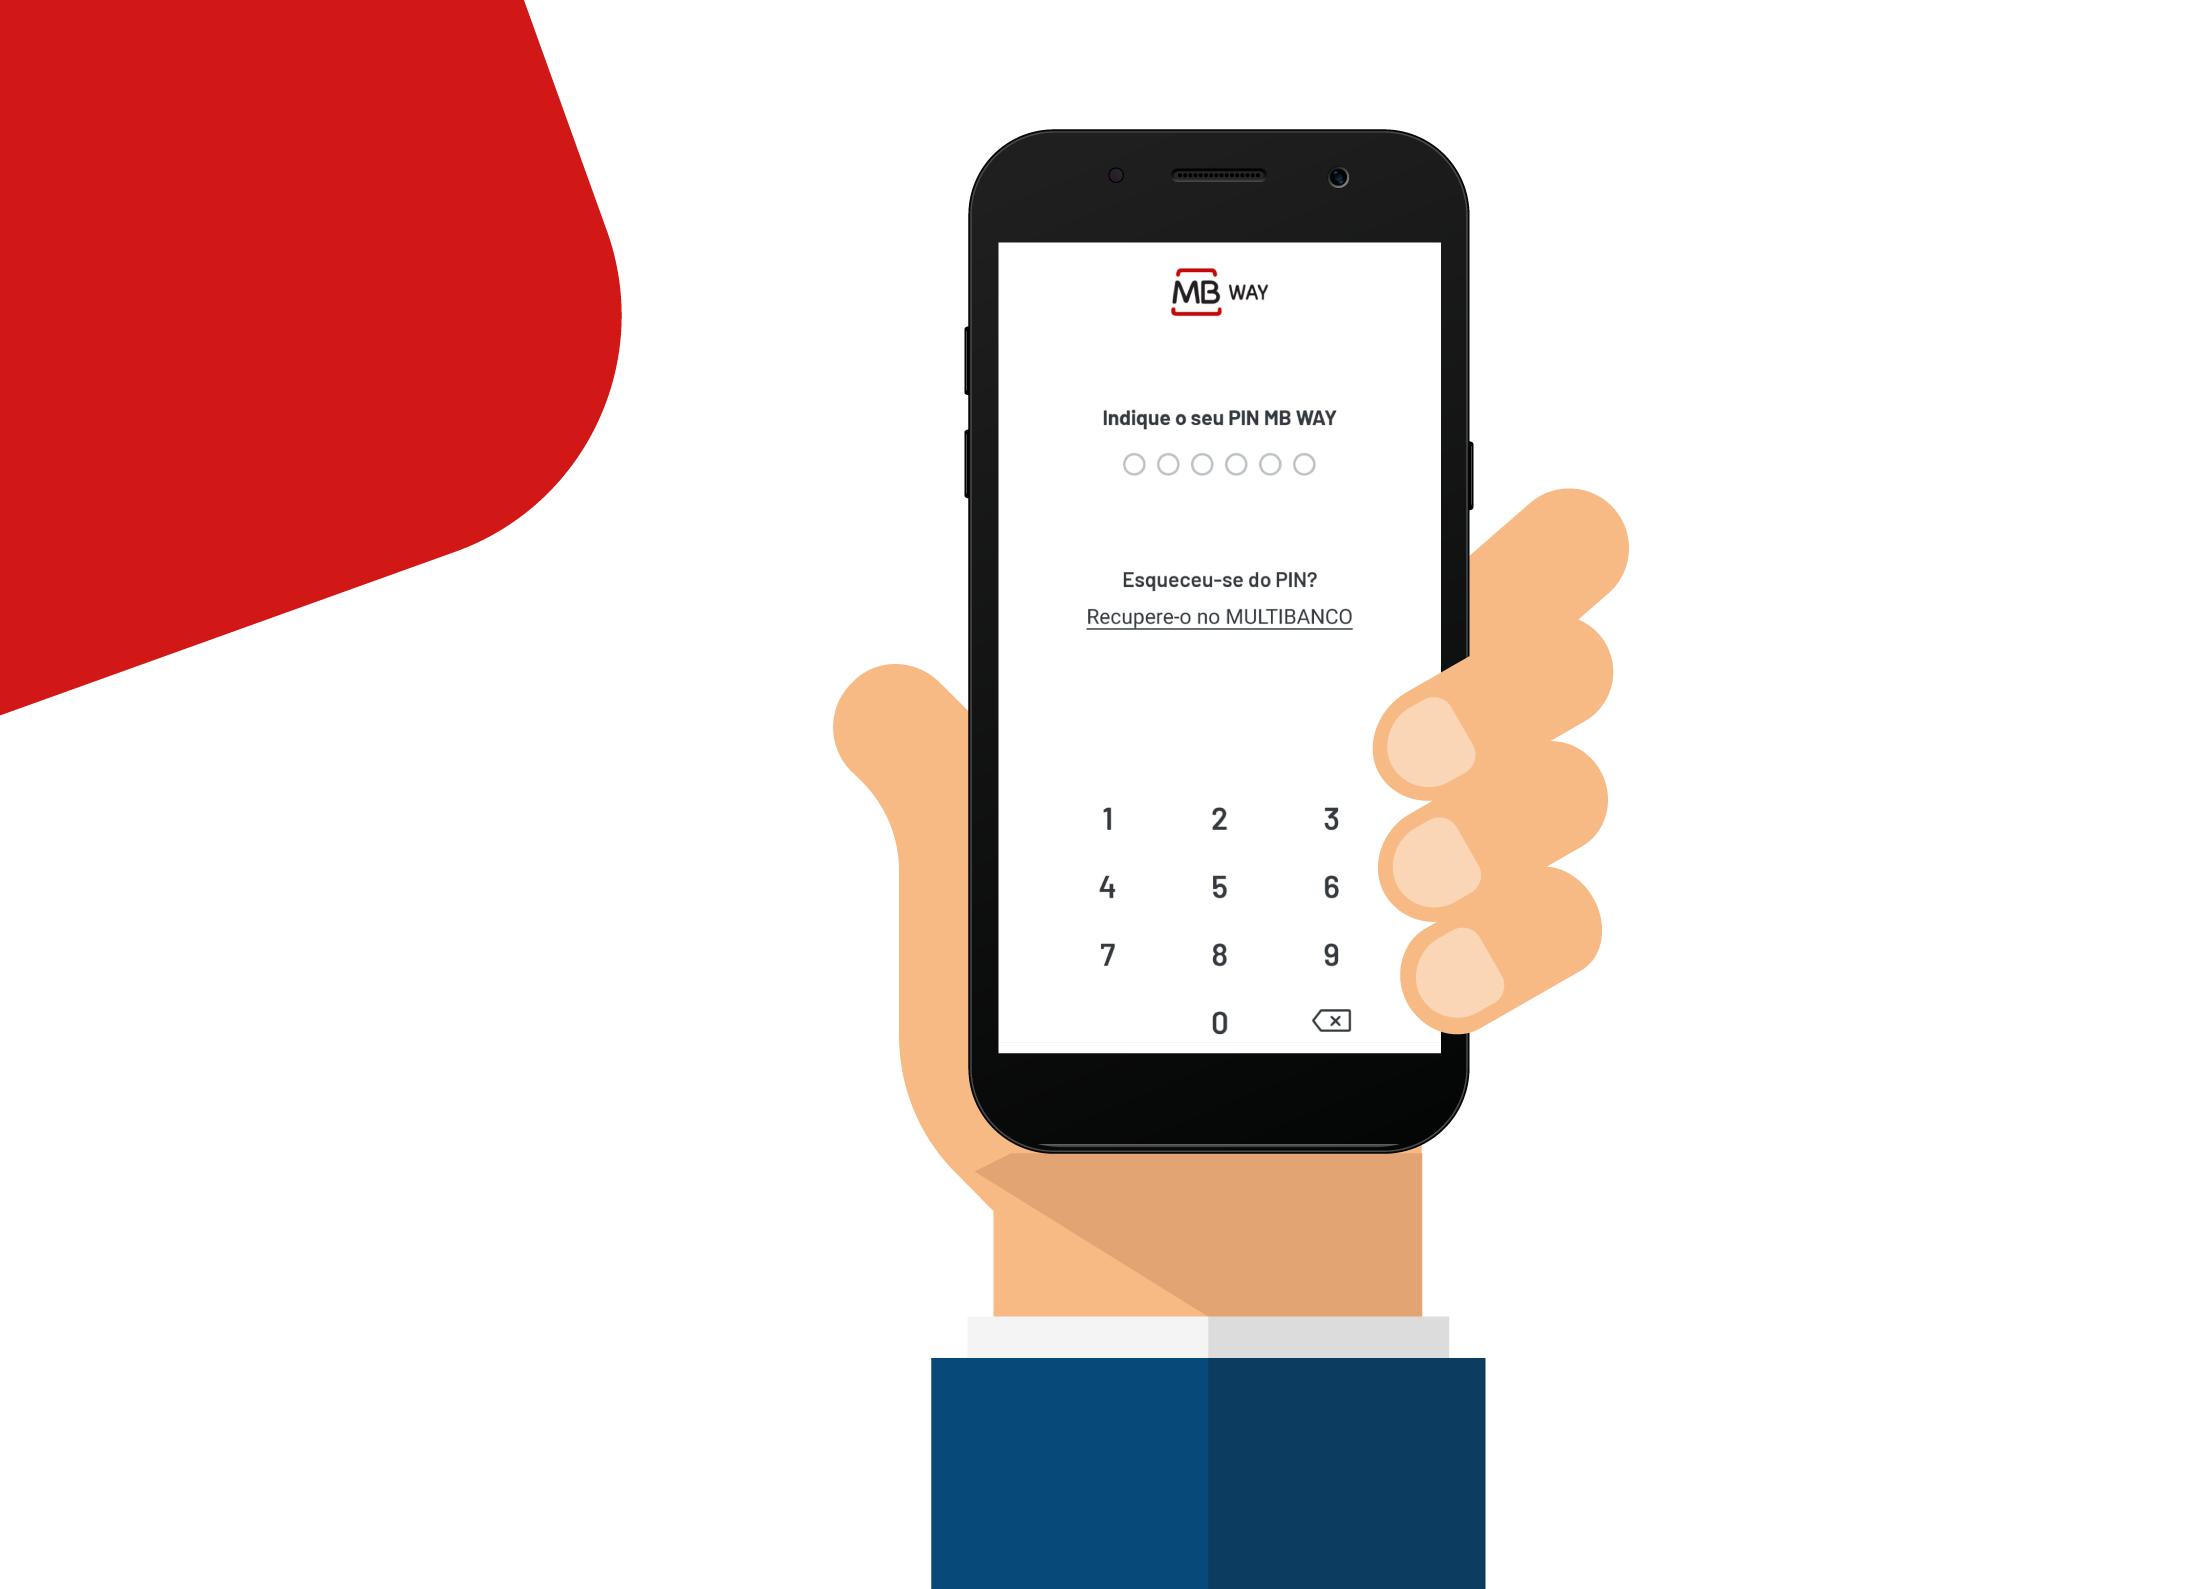 Sabia que o MB WAY é um método de pagamento com autenticação forte desde 2015?